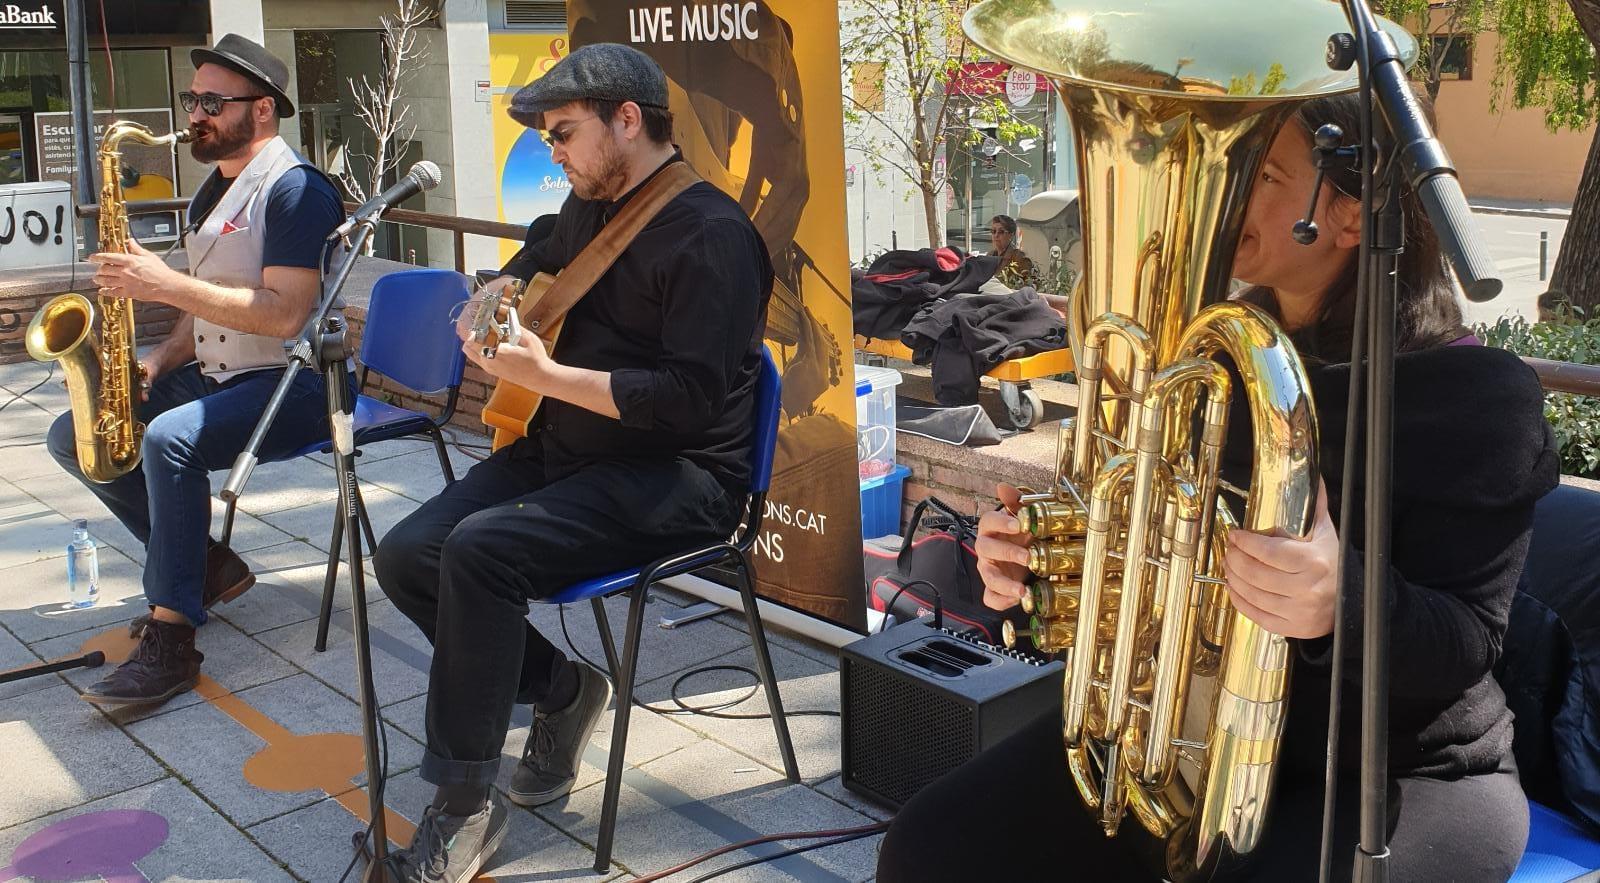 Concert de Swing amb Easy Living Jazz Trio a la Fira Modernista i actuació de SM!